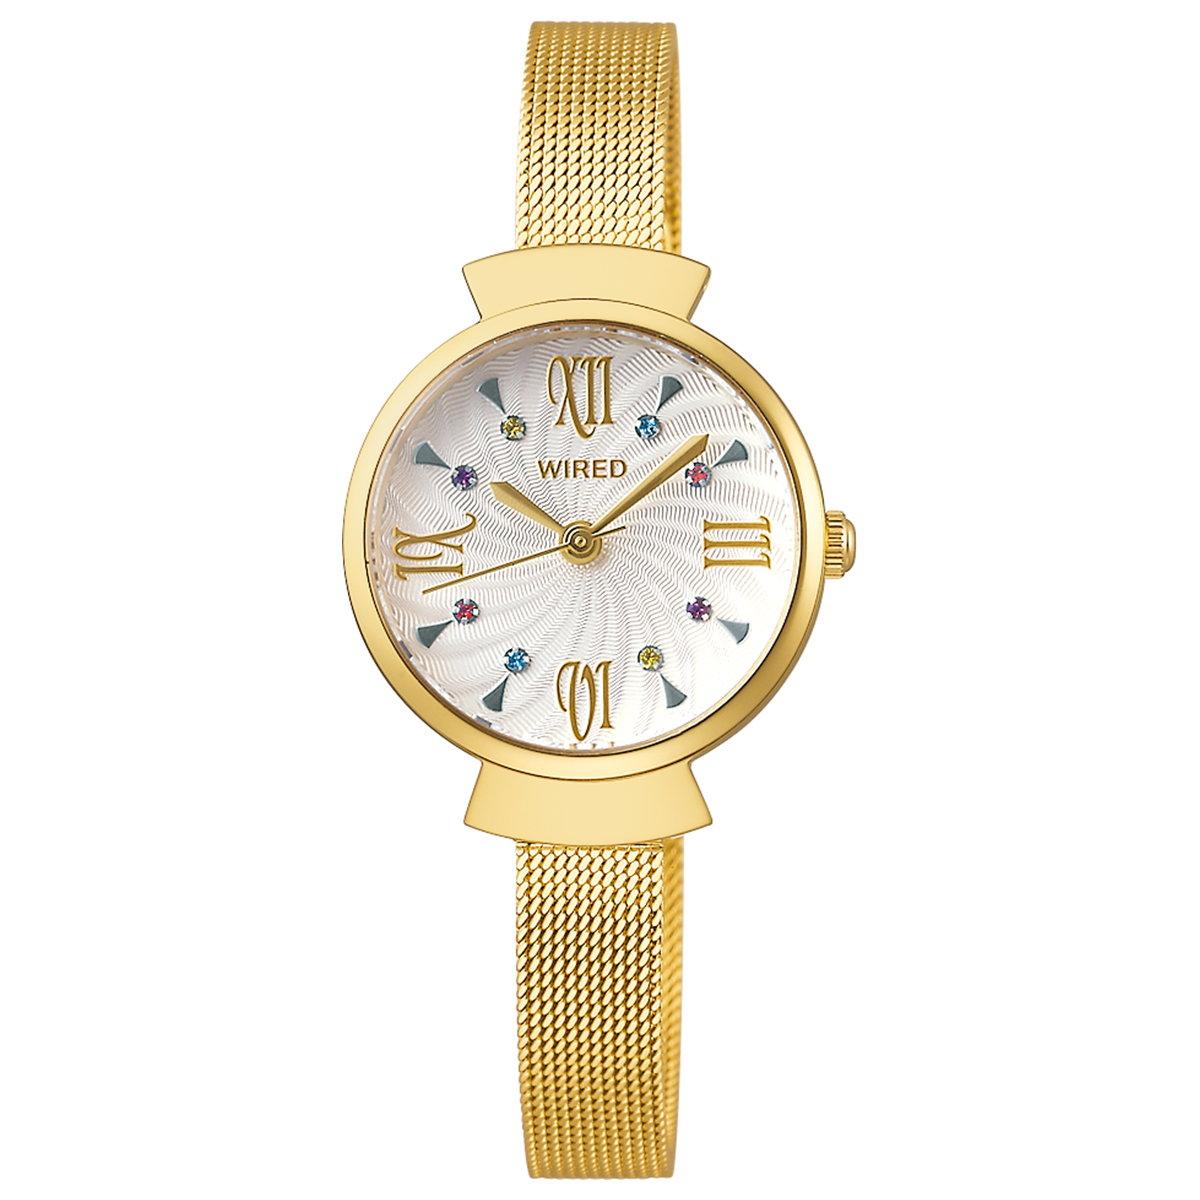 ワイアード エフ WIRED f 腕時計 レディース AGEK459 セイコー